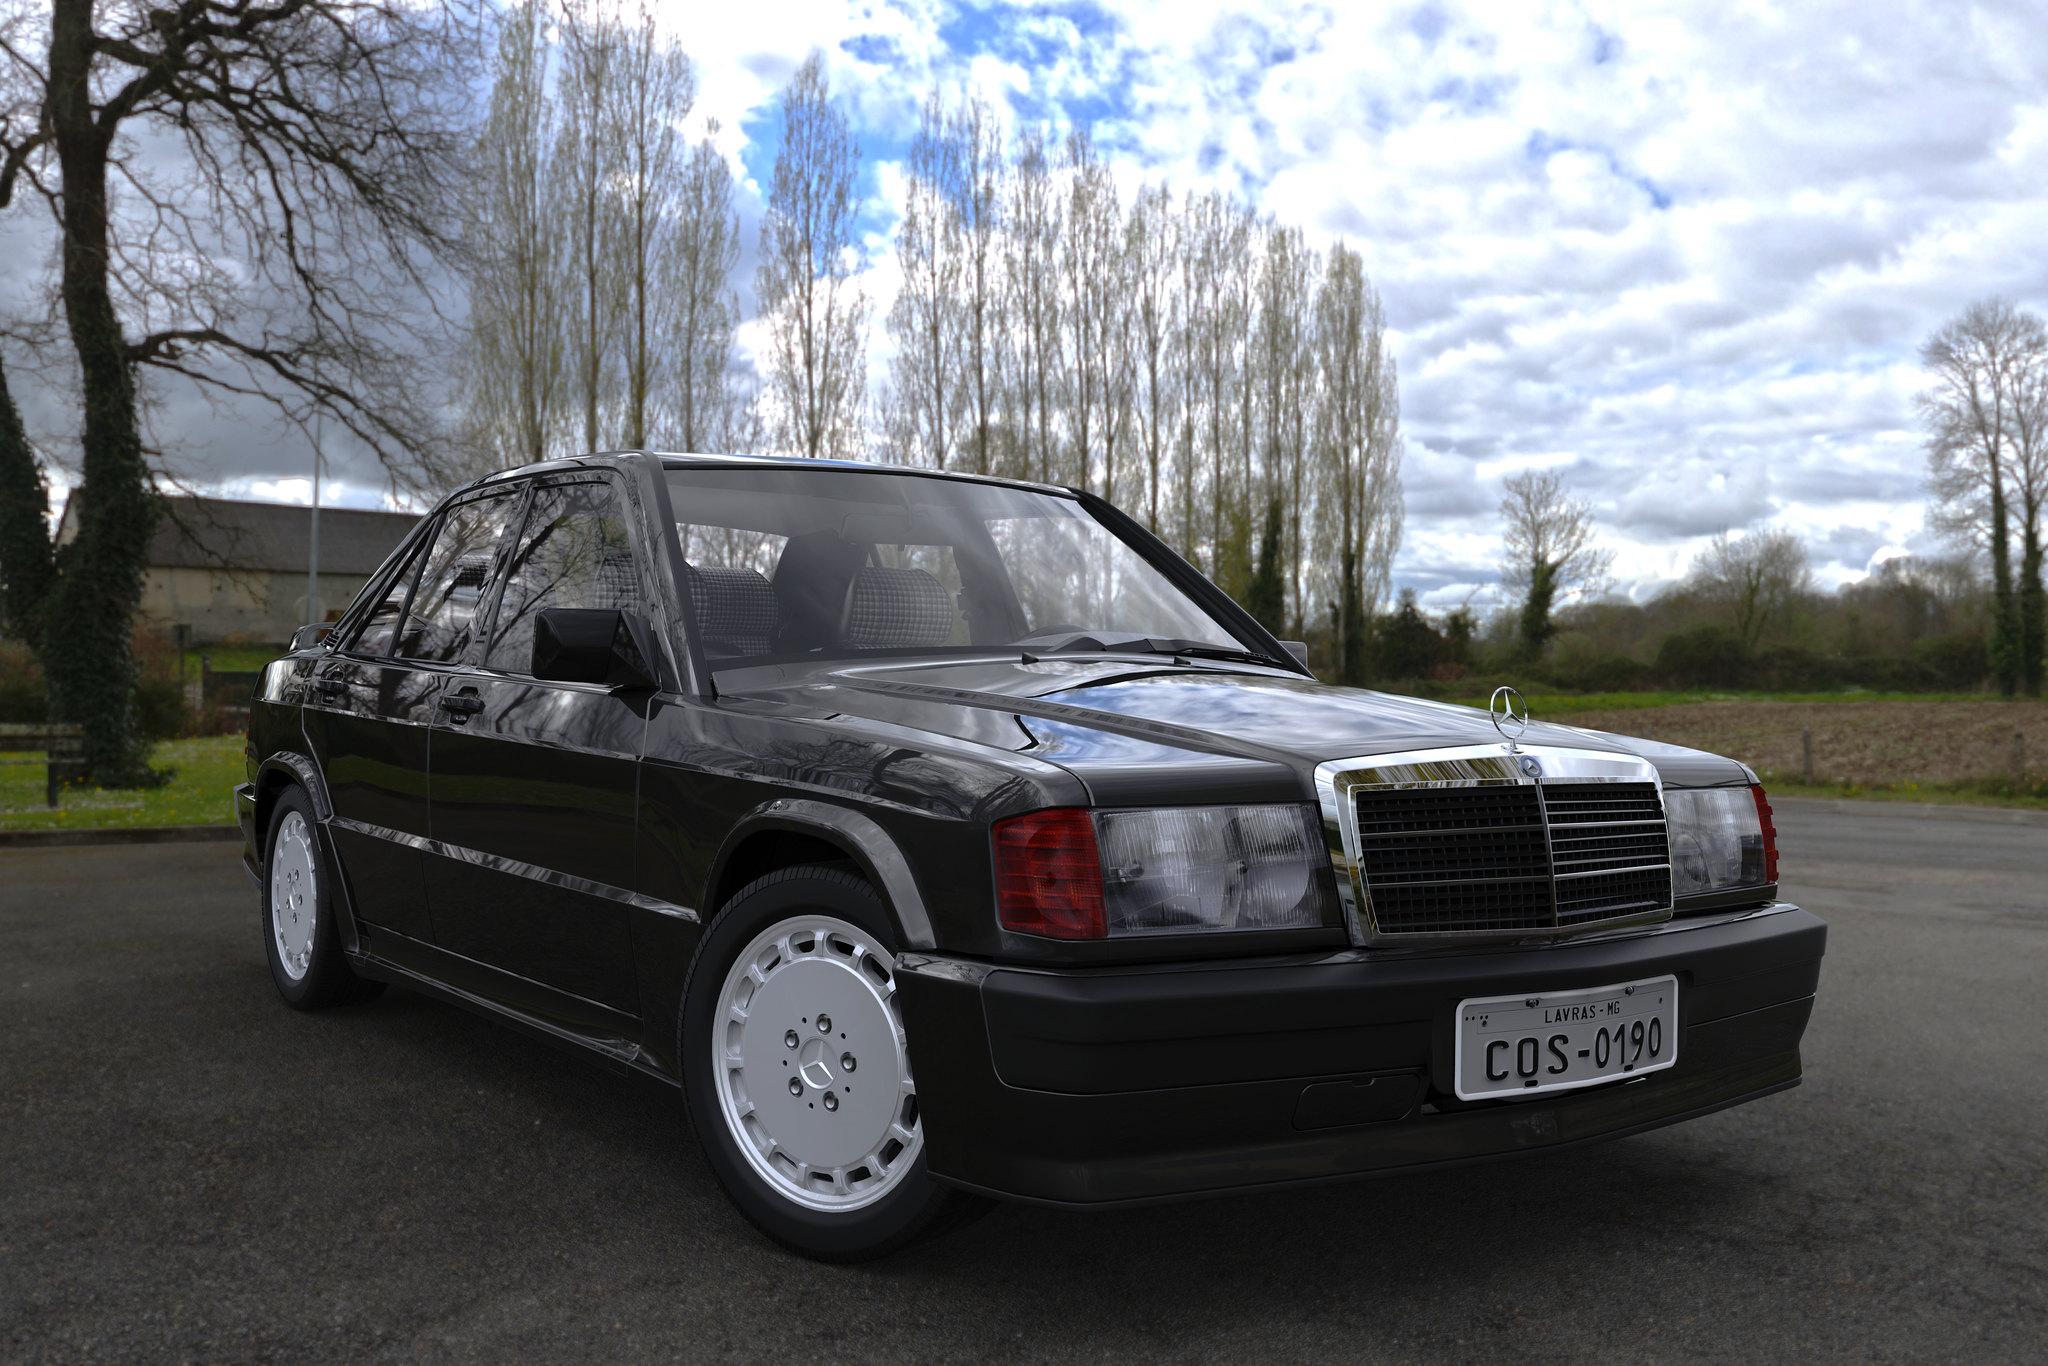 (W201): Modelo 3D - 190E 2.3-16 Cosworth 26719189060_c181ad9e8b_k